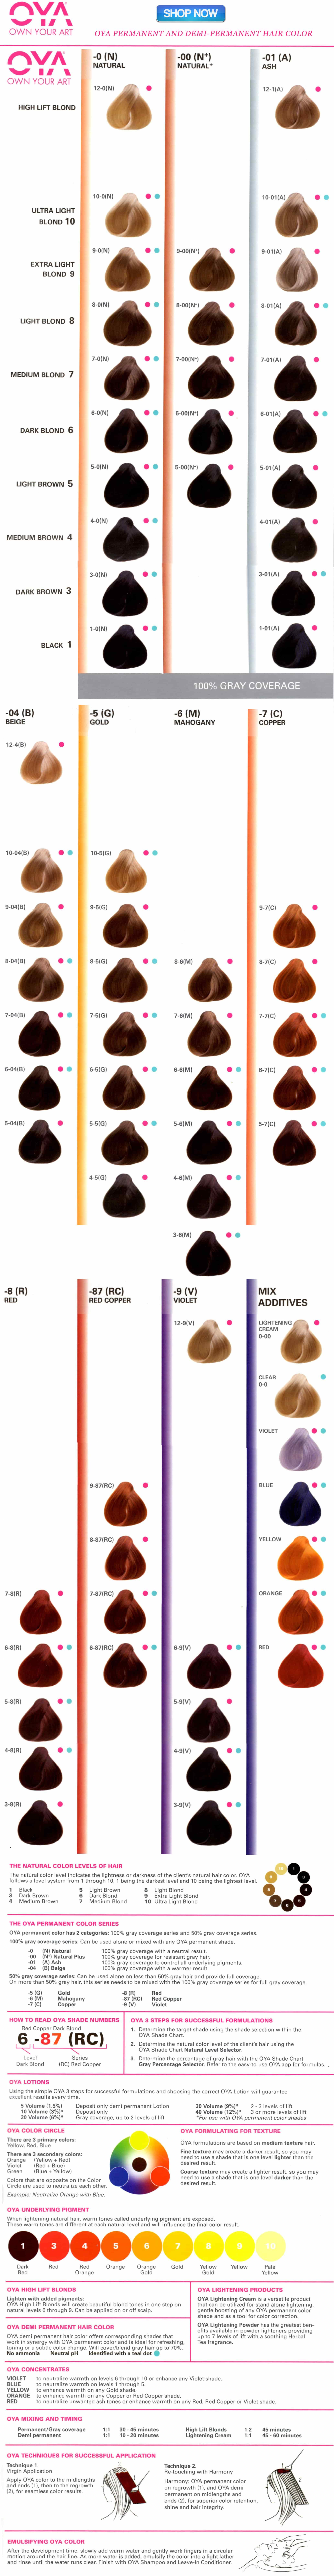 Oya Hair Color Chart